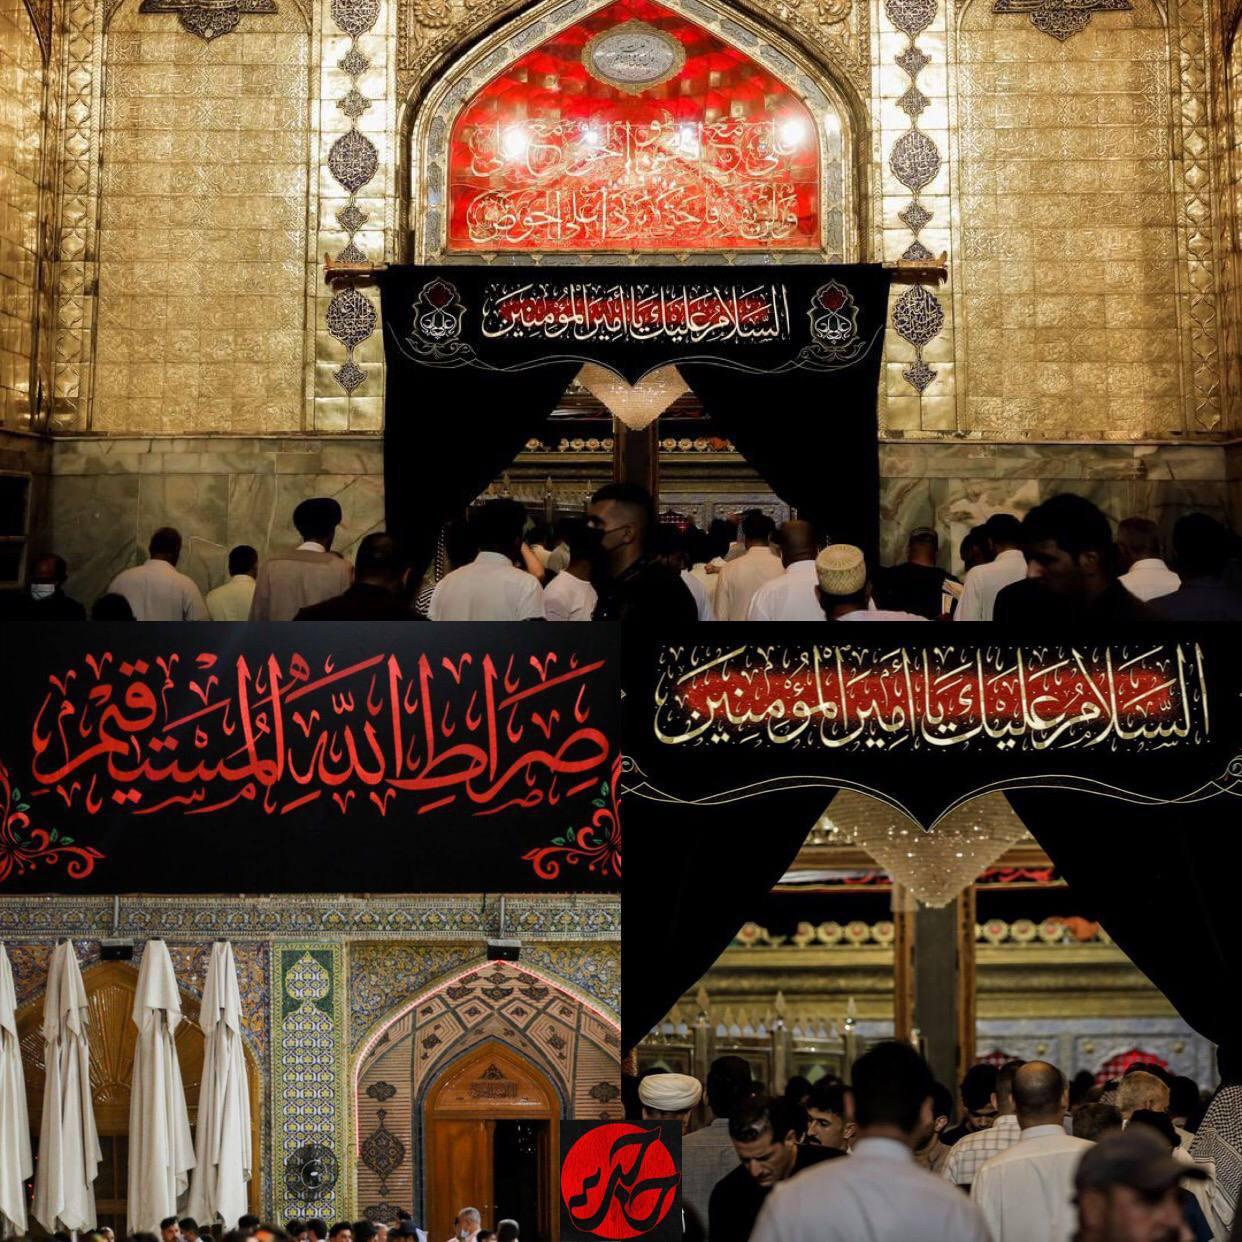 تصویر از حرم مطهر امیر المومنین (ع) در آستانه سالروز شهادت حضرت امام علی (ع) سیاه پوش شد